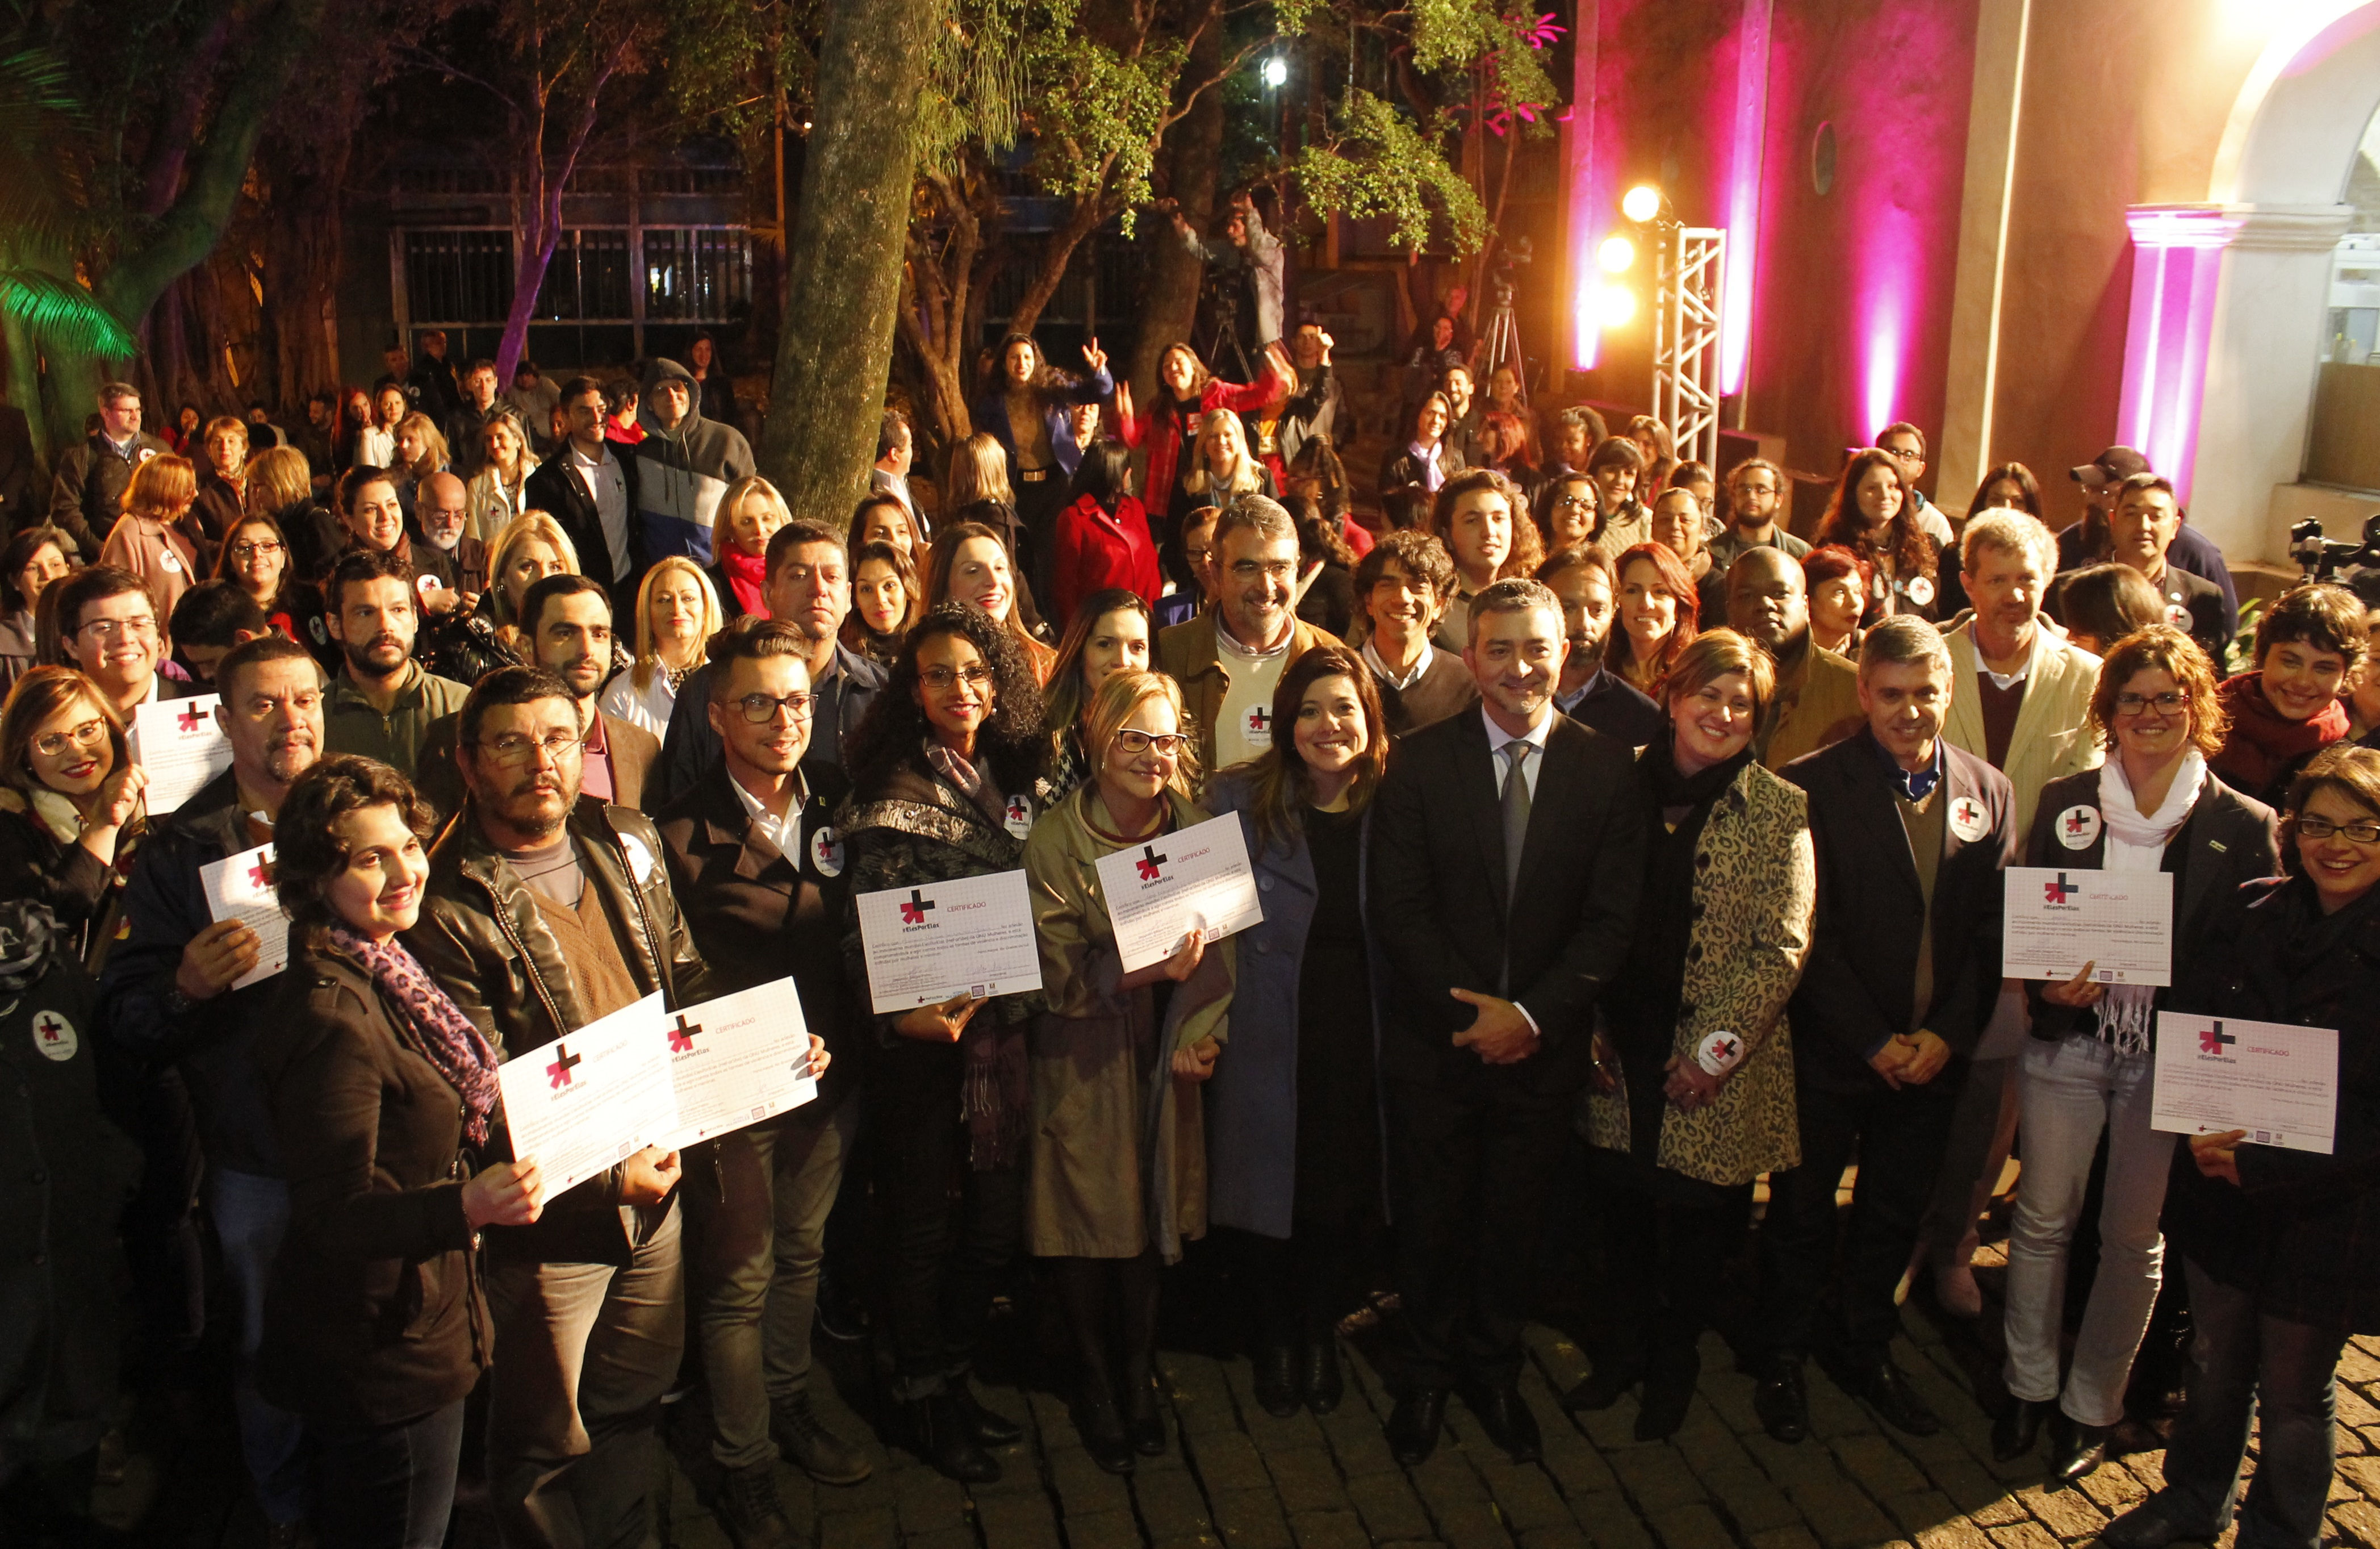 Iniciativa da ONU visa engajar homens no enfrentamento à violência contra mulheres (Foto: Leandro Molina)